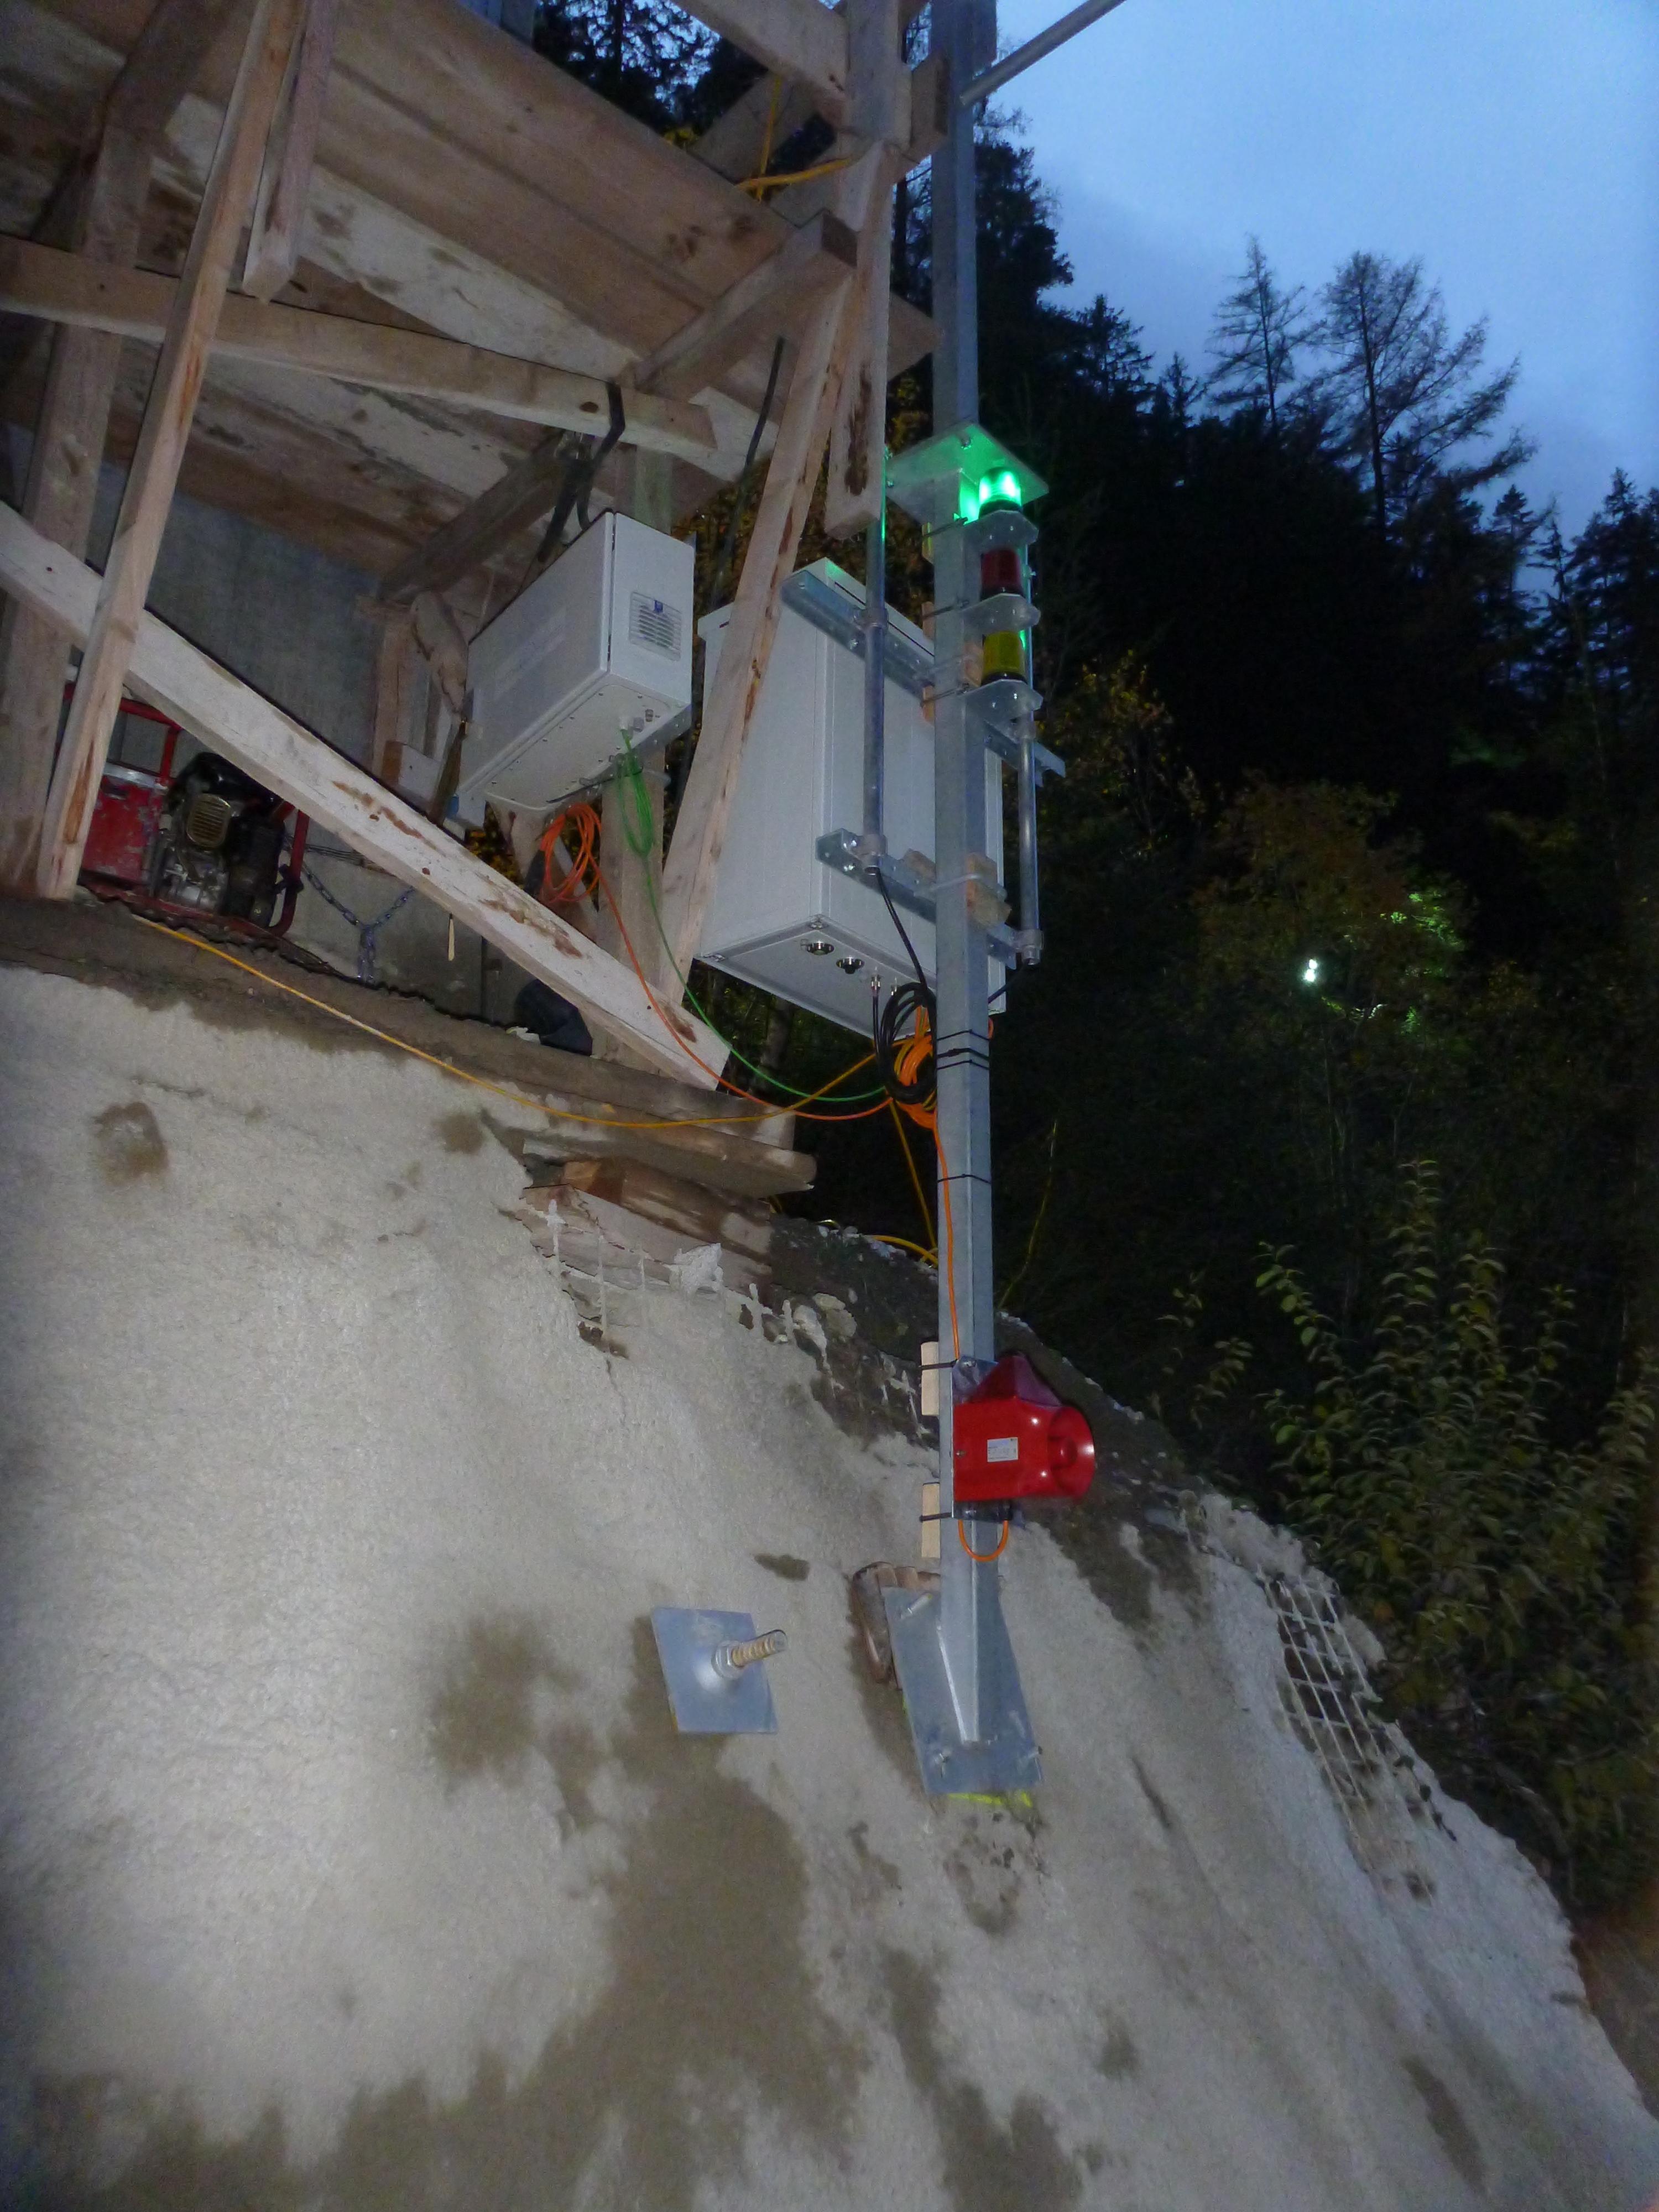 Auf der Baustelle empfängt die Basisstation alle Signale der Sensoren und die grüne Leuchte zeigt an, dass das System einwandfrei funktioniert. Im Alarmfall wird das darunter montierte Alarmhorn aktiviert, damit die Baustelle umgehend evakuiert werden kann.